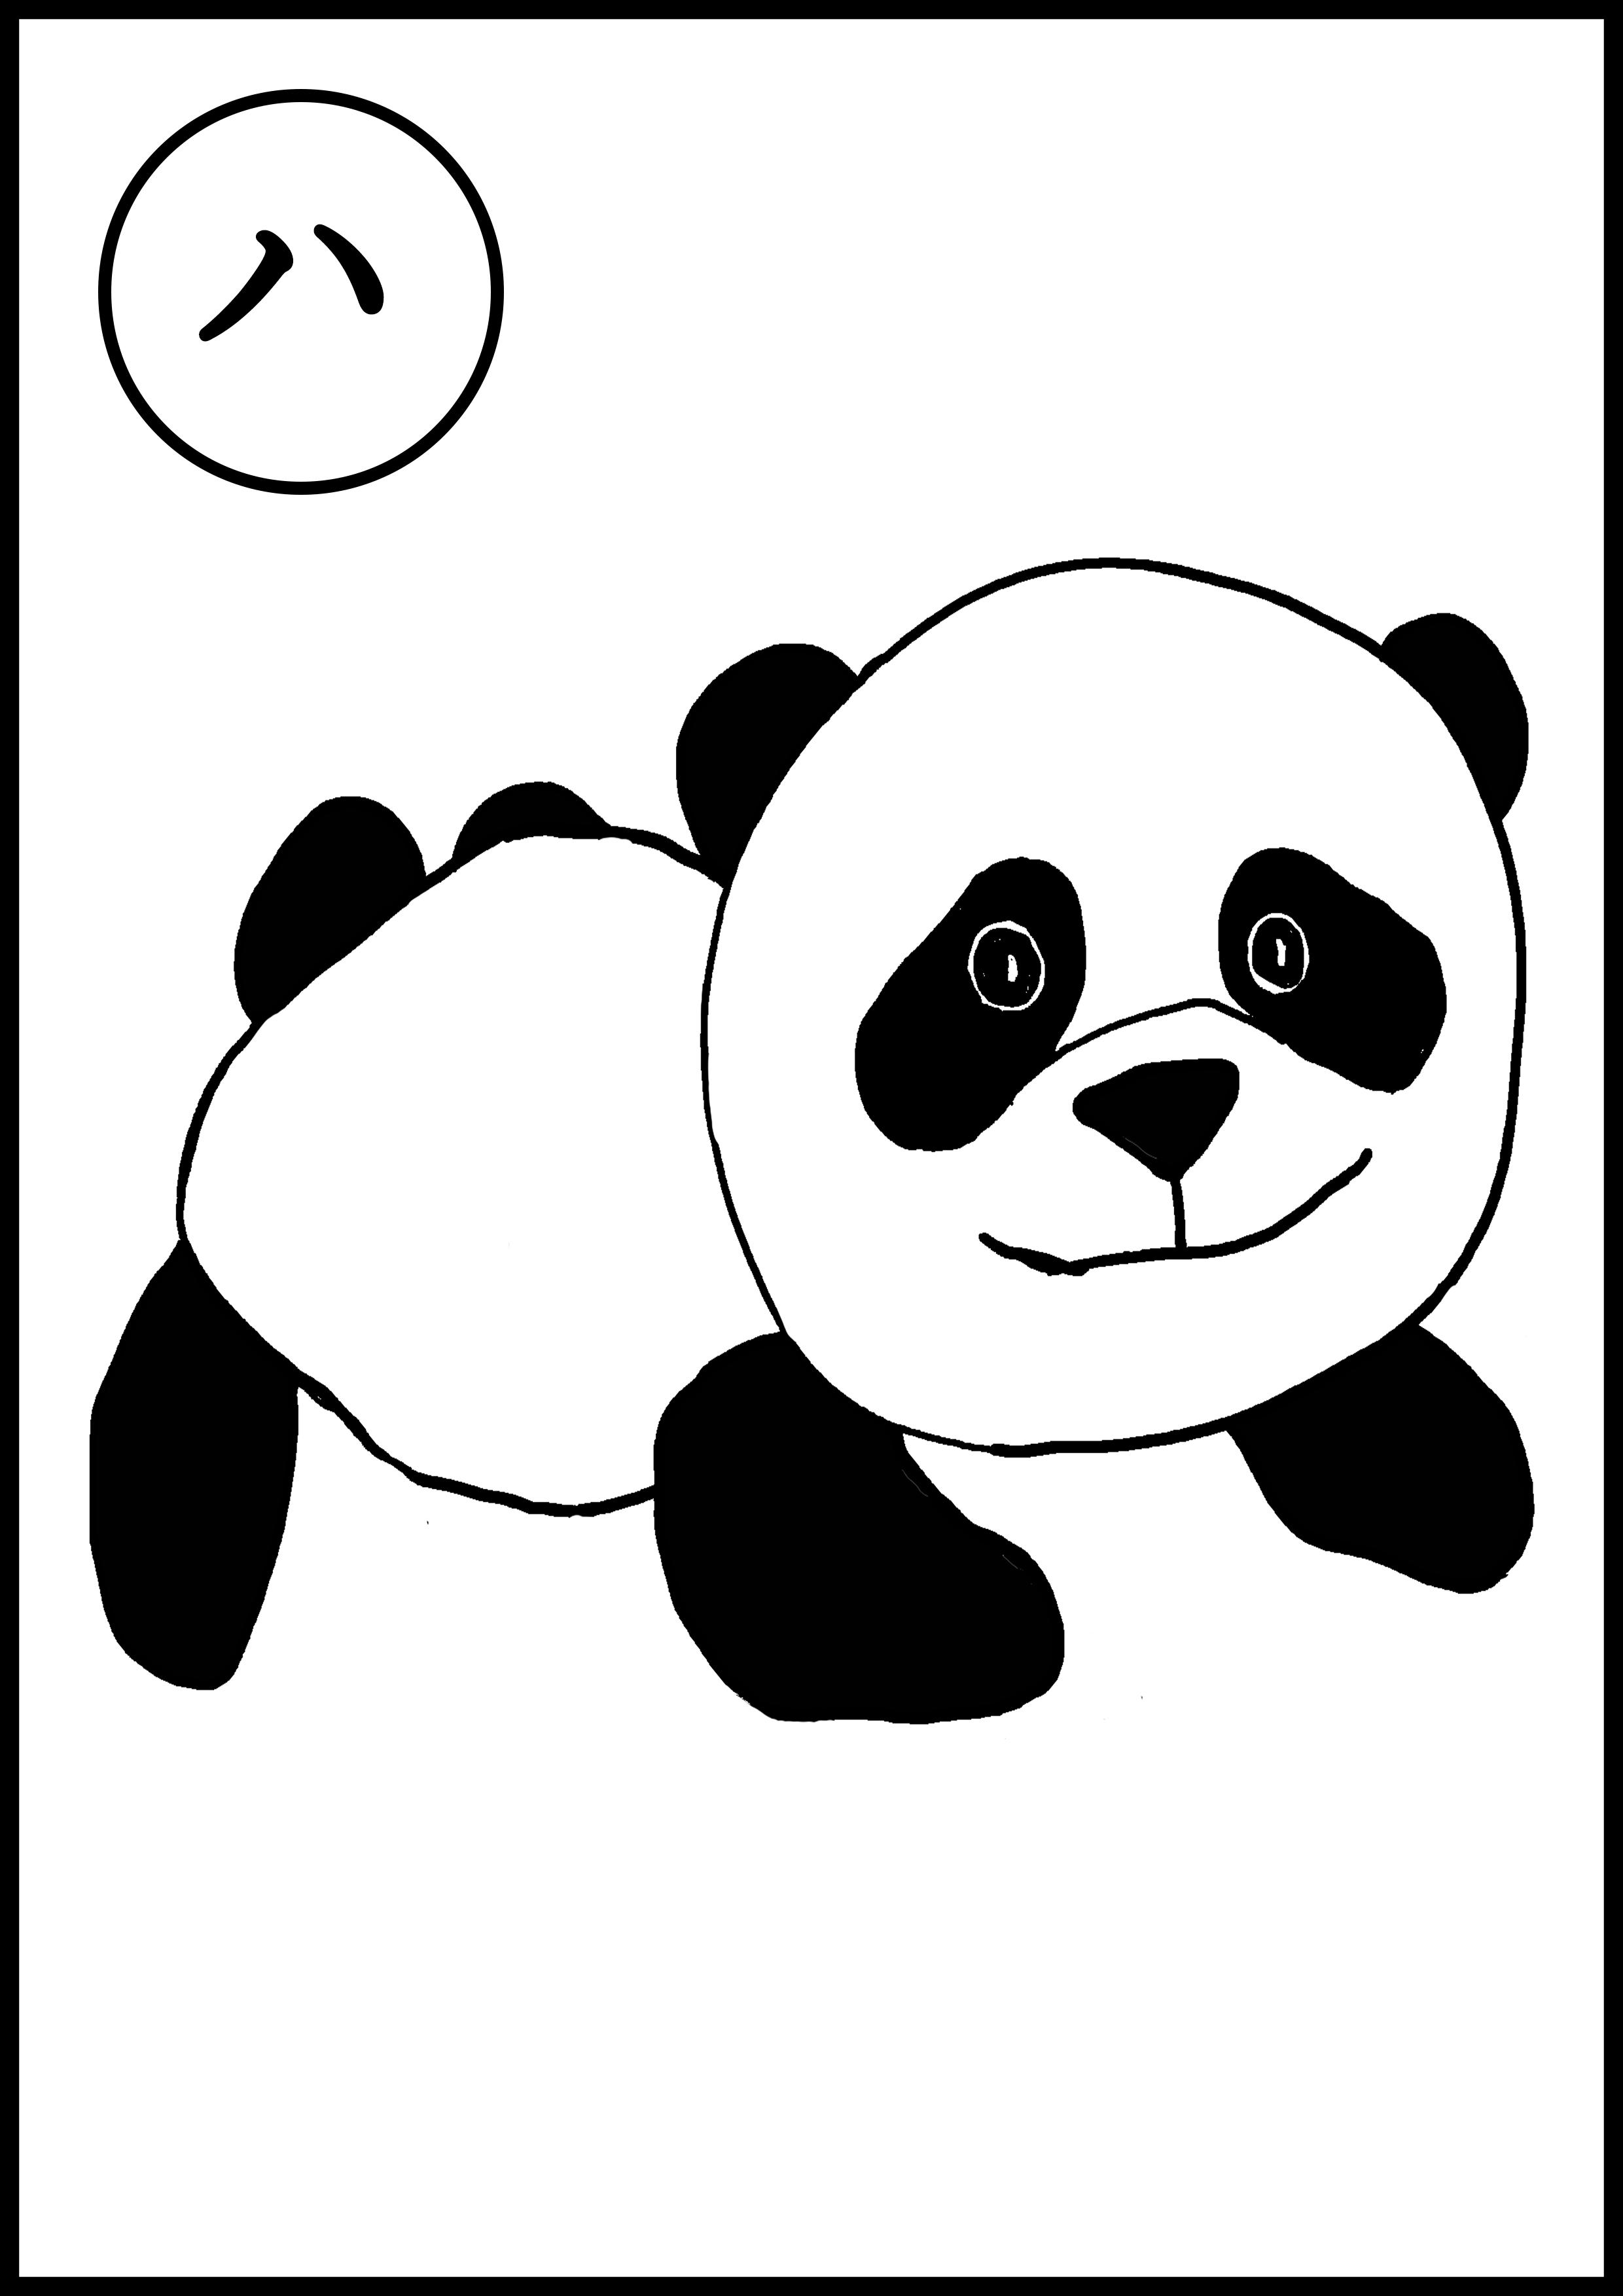 カルタイラスト【パンダ】